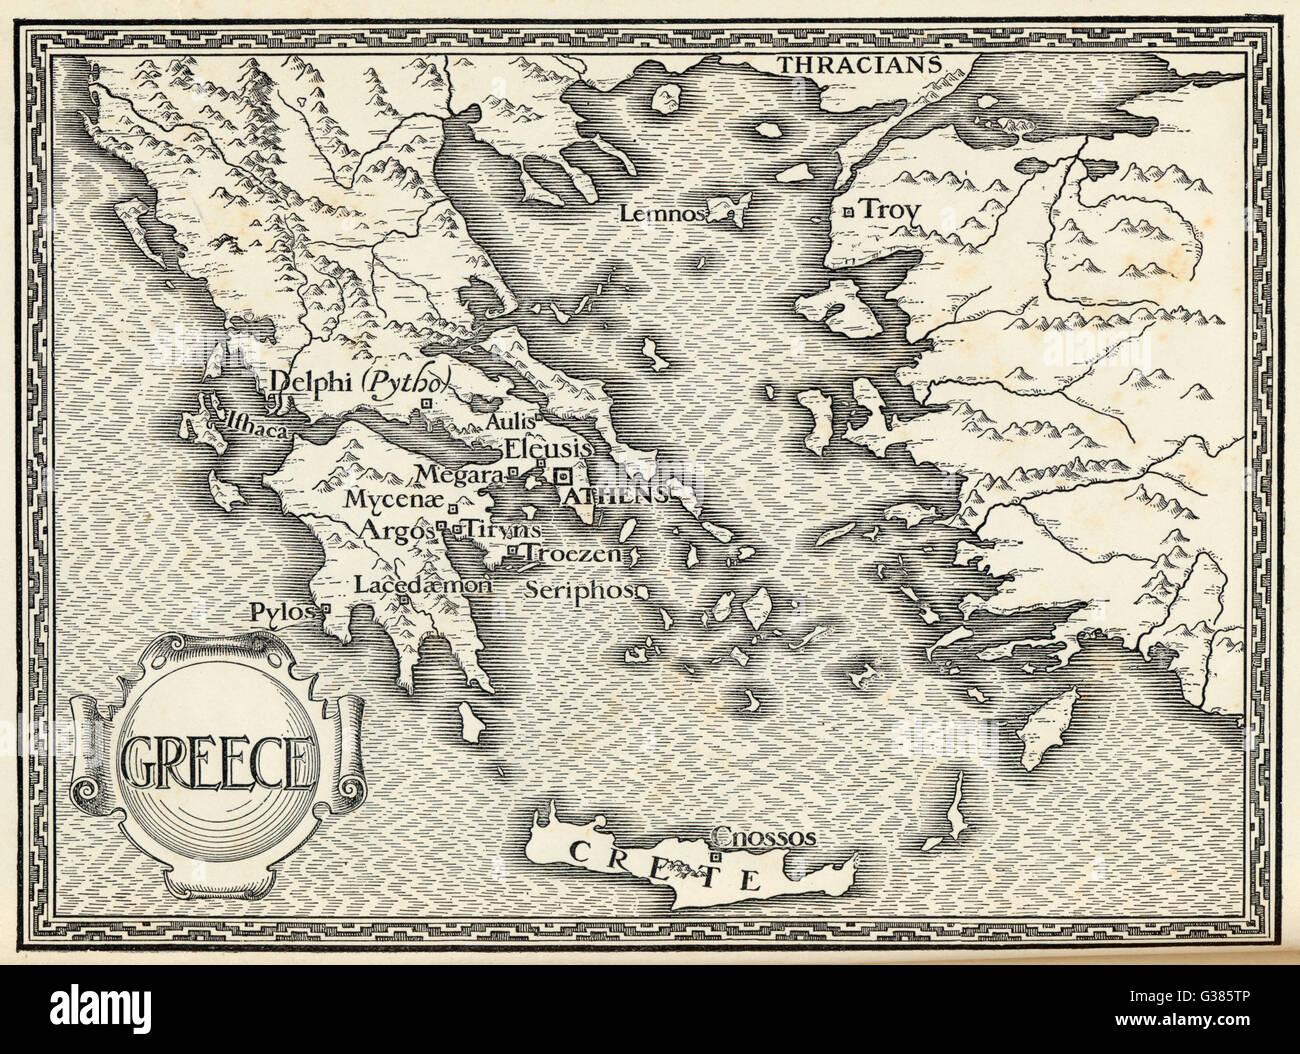 Mappa di Grecia antica. Immagini Stock